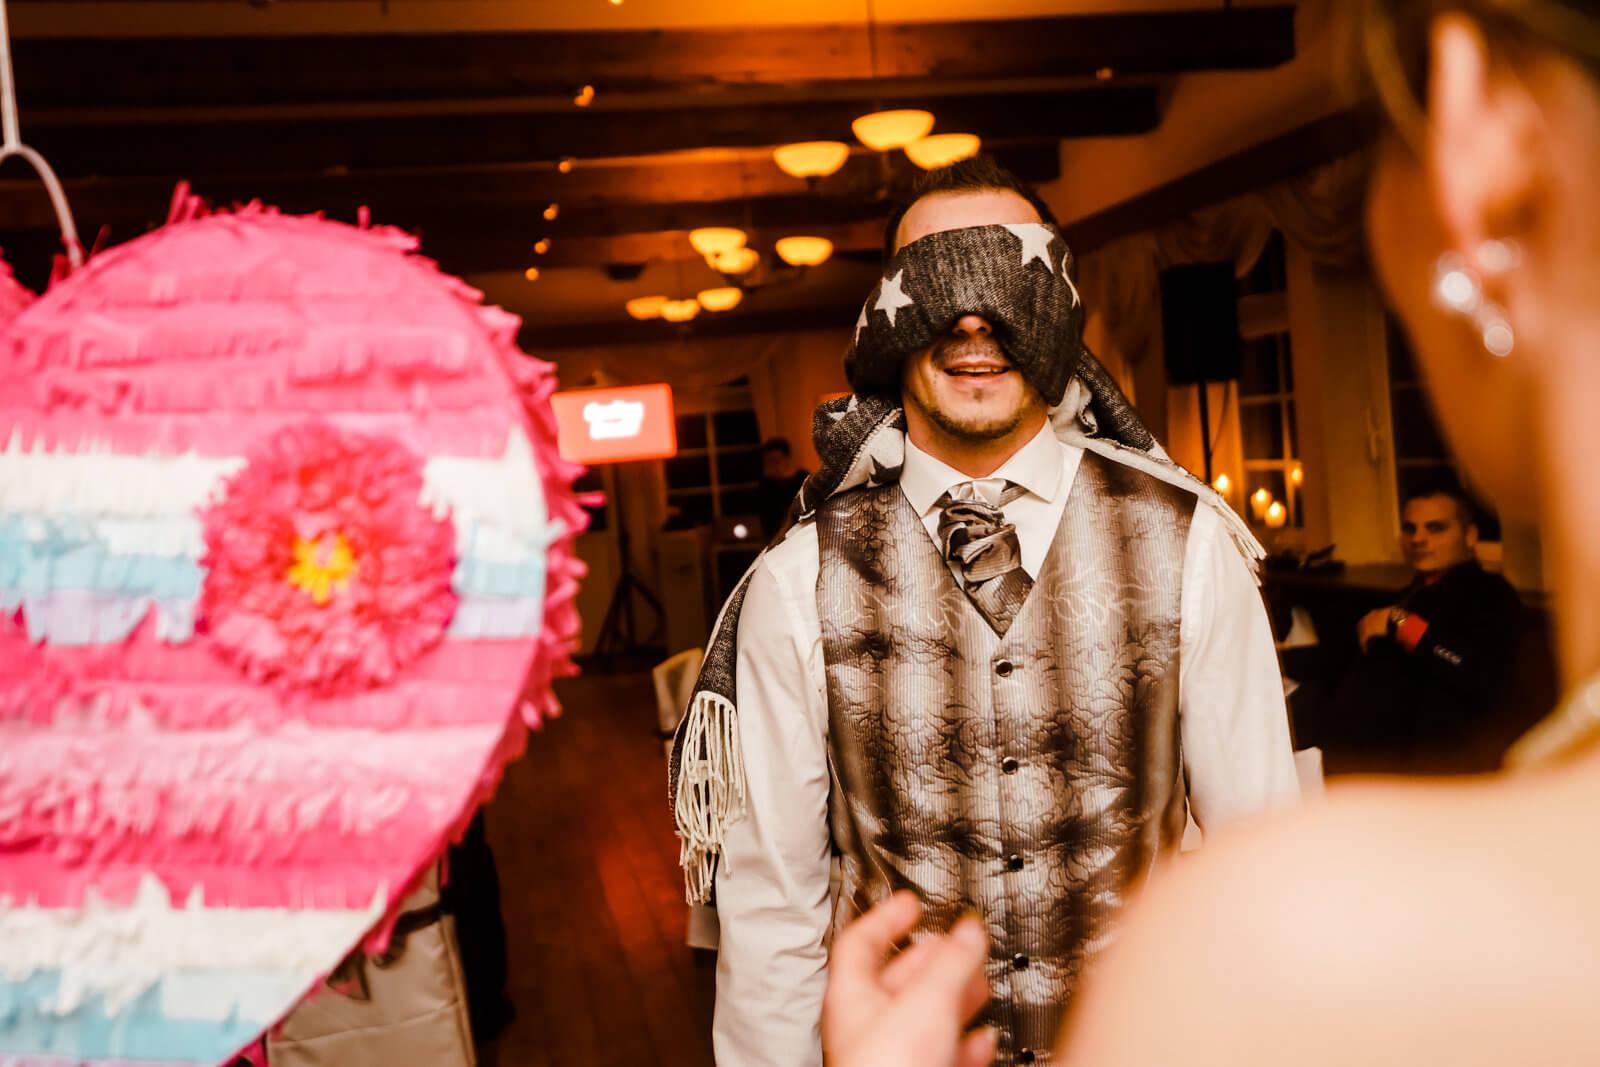 Bräutigam Feier Hochzeit Fotografie